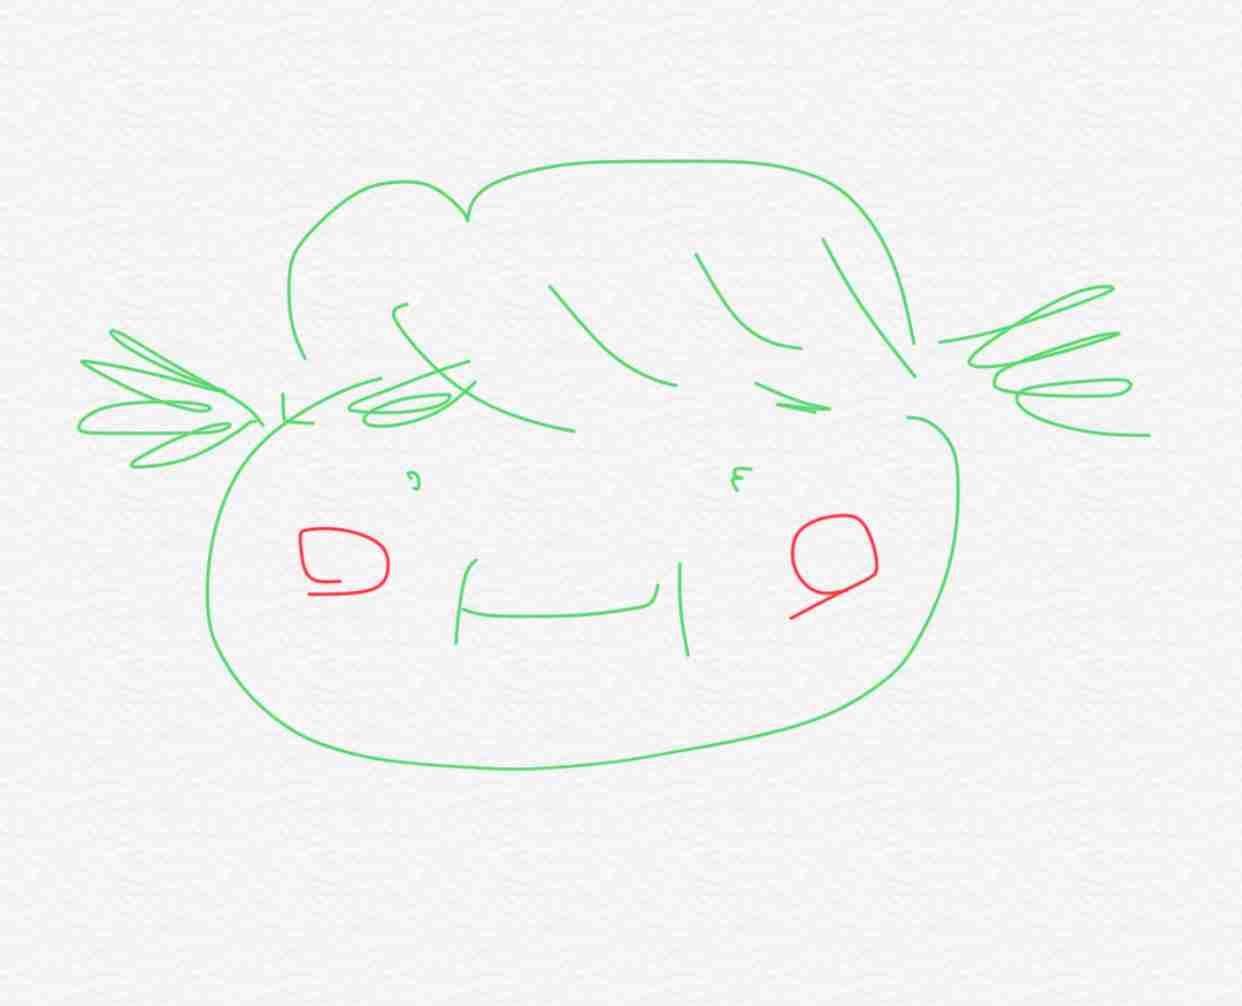 自分が描いた自信作の絵を貼るトピ!!